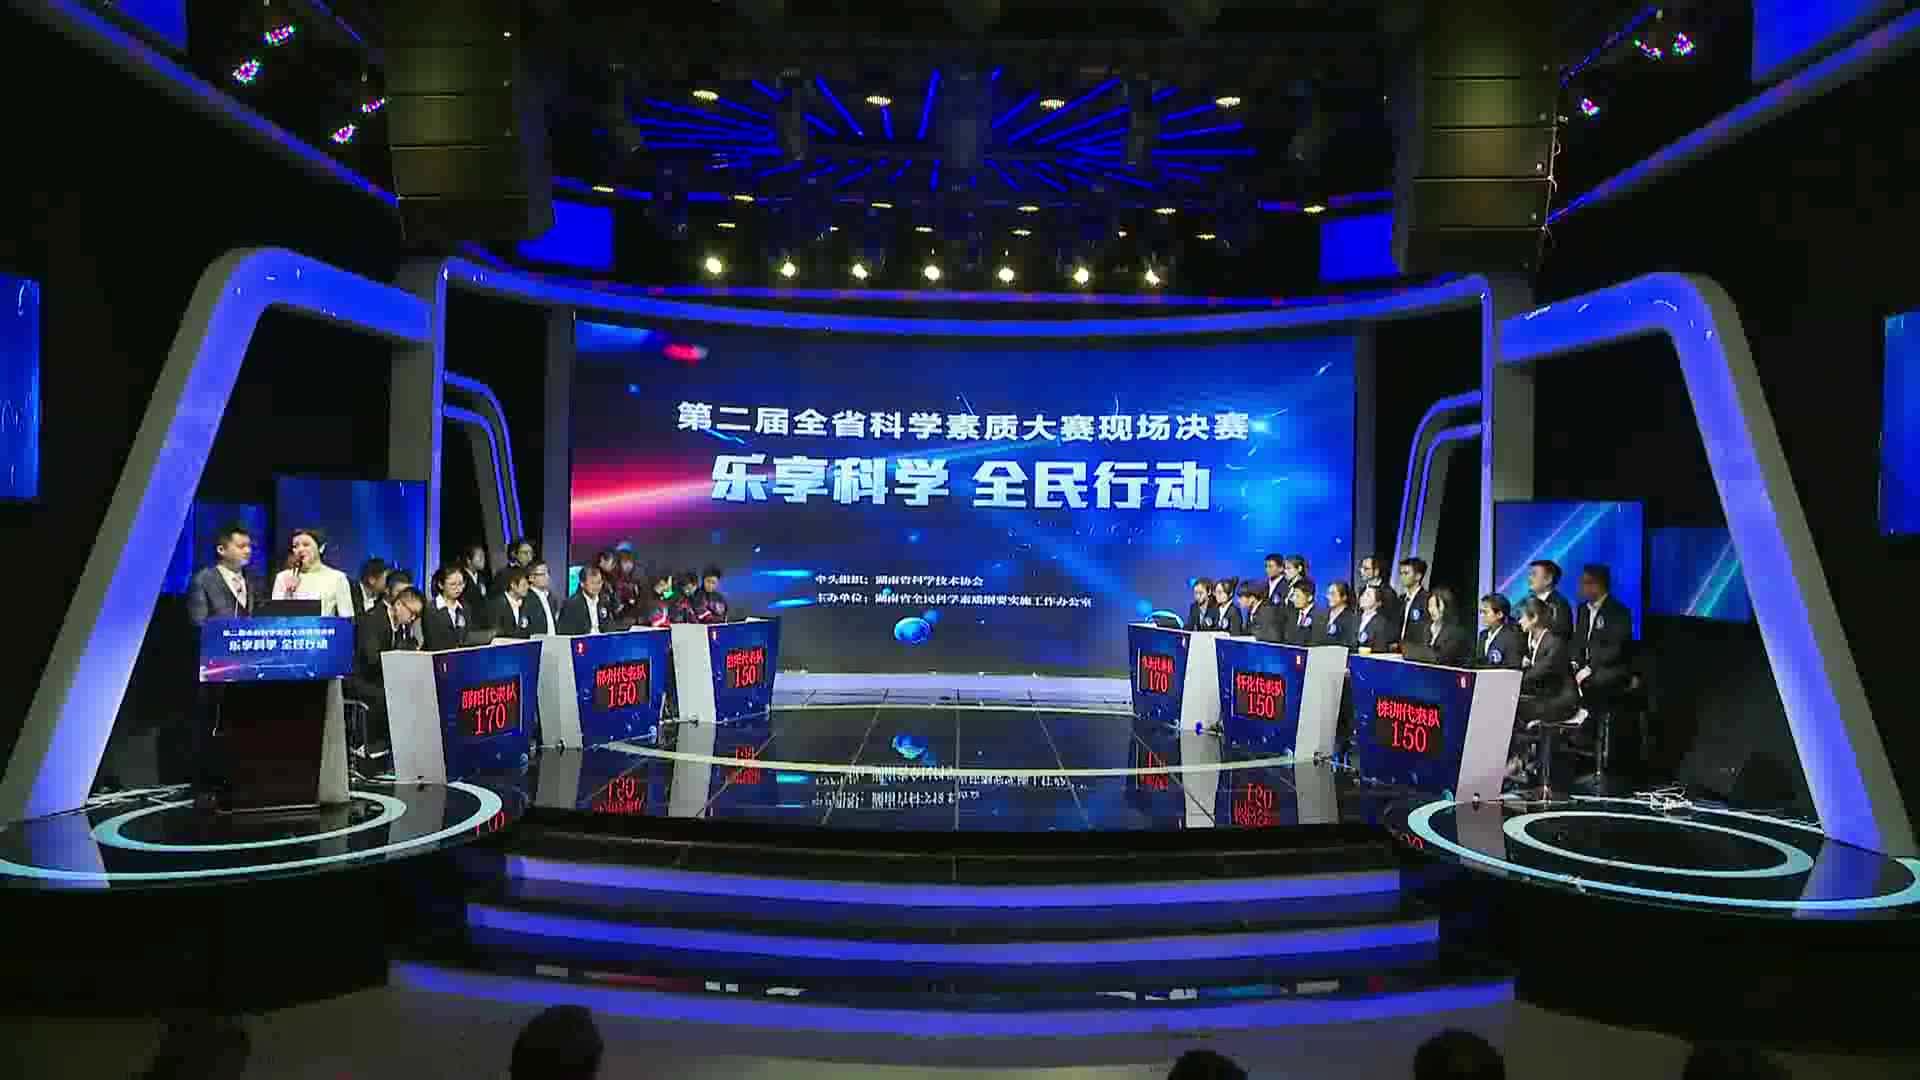 【全程回放】第二届全省科学素质大赛现场决赛